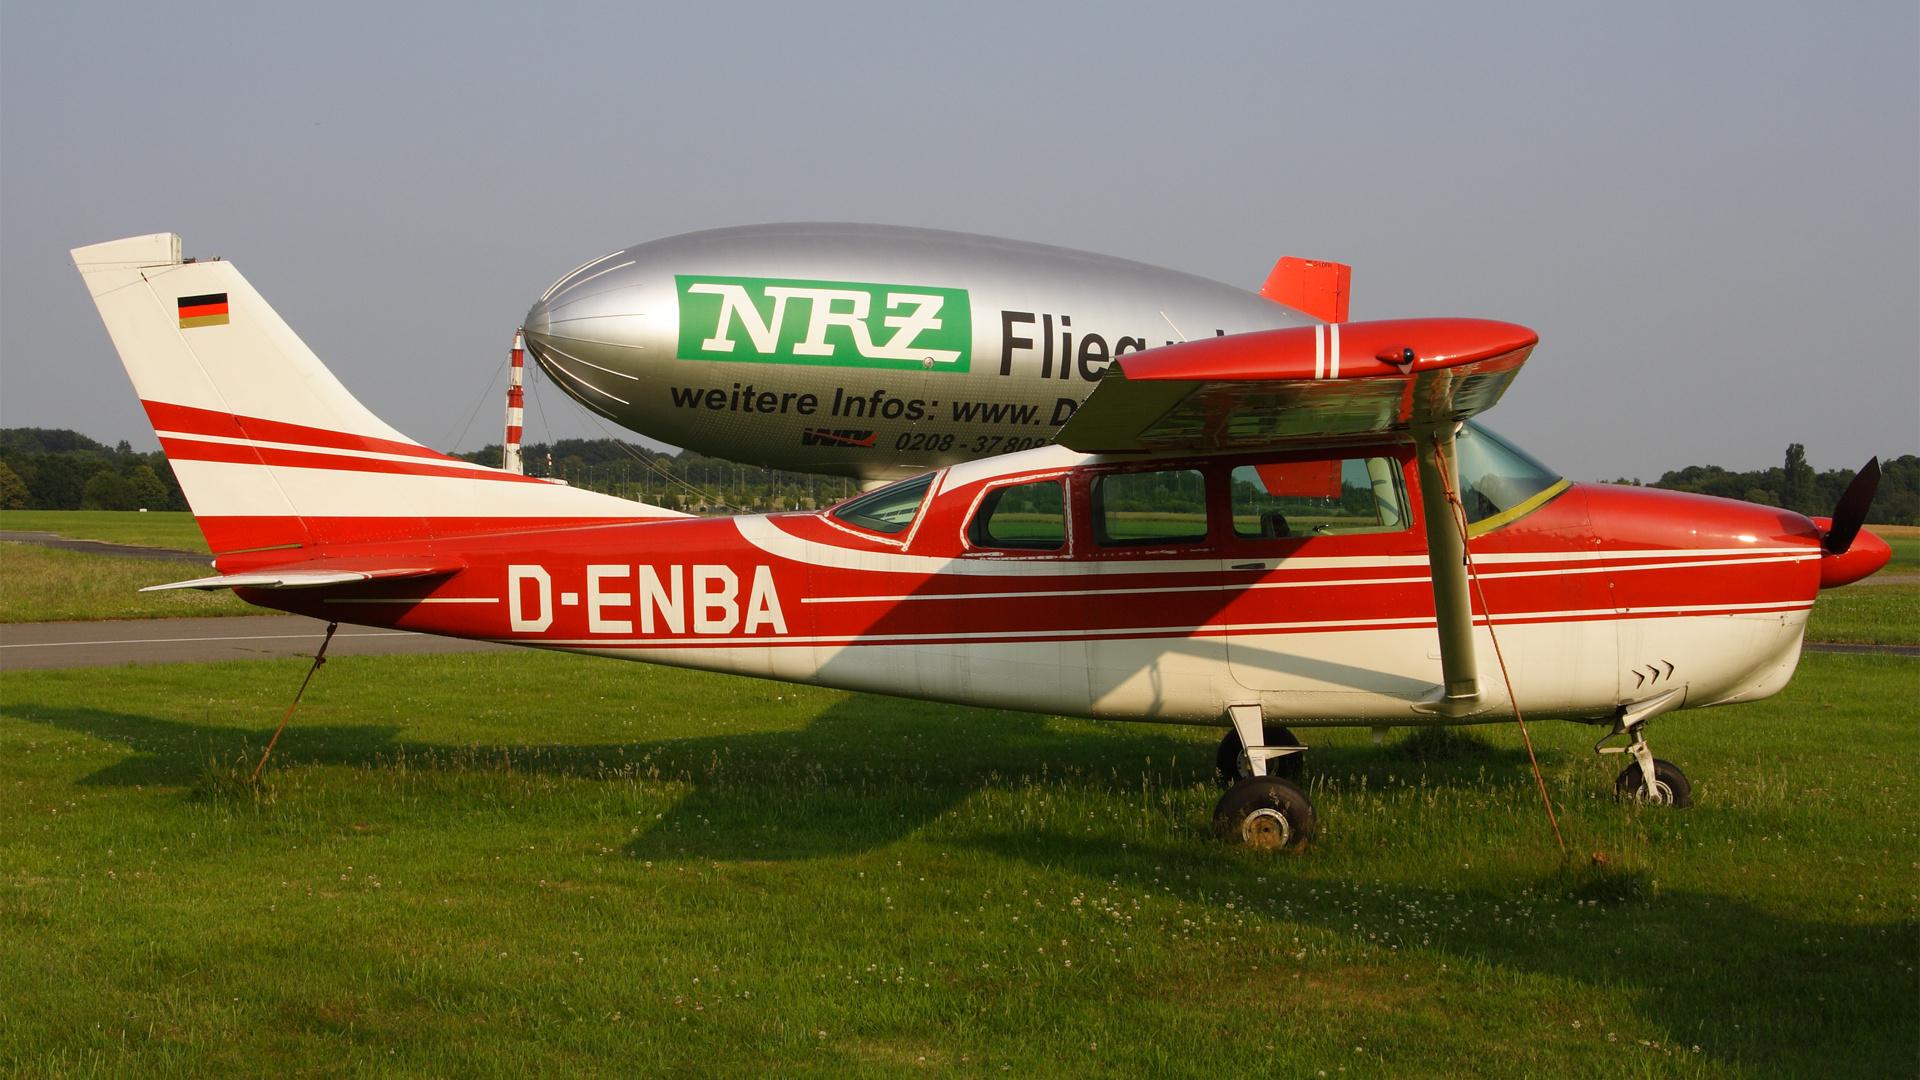 D-ENBA-1 C182 ESS 200907